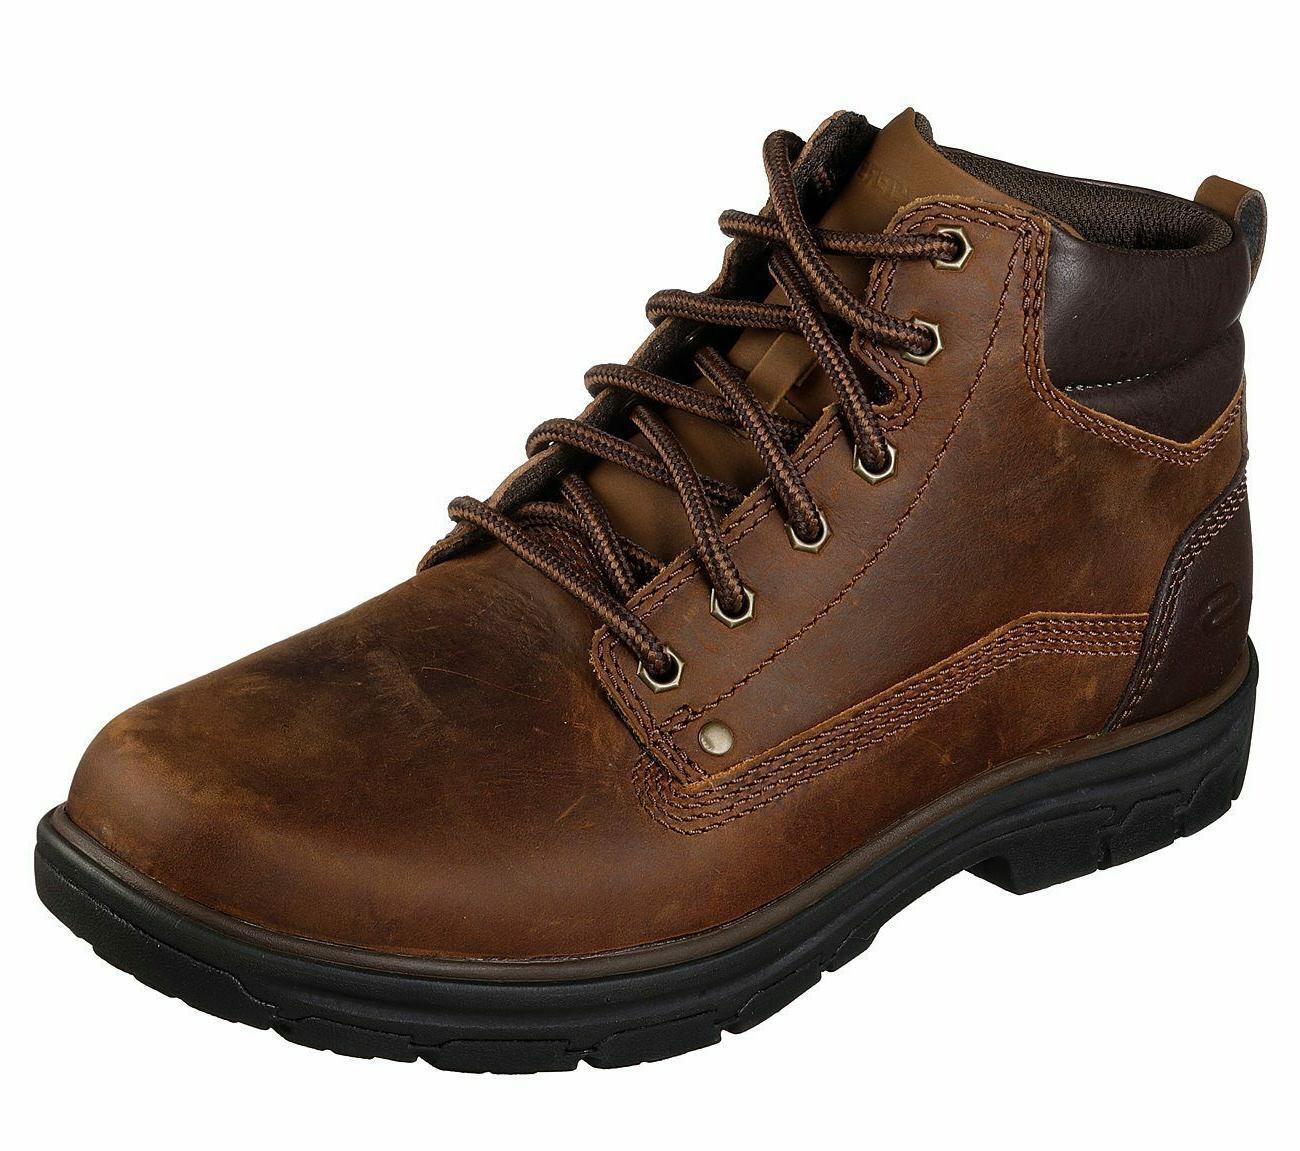 Skechers Segment Garnet Men's Casual Boots